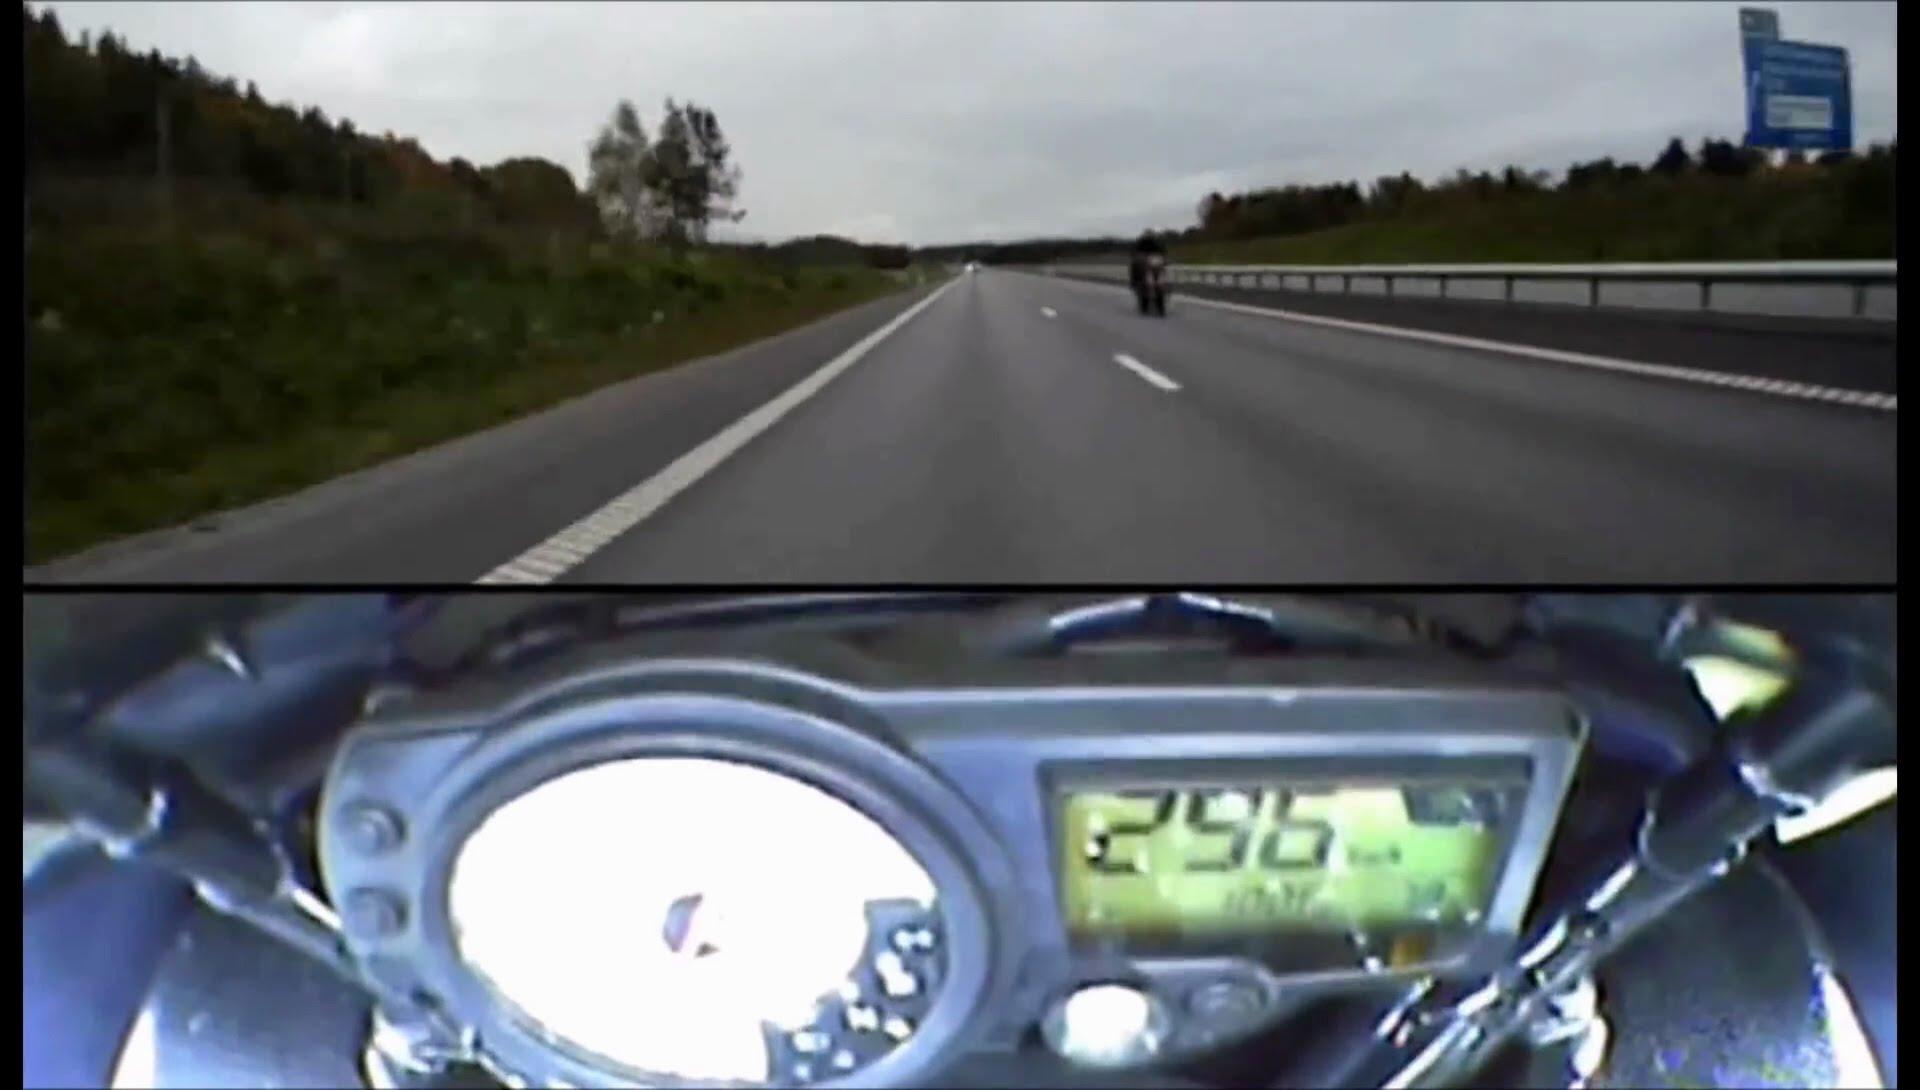 【超危険】高速道路でスピードを出しすぎている動画集!